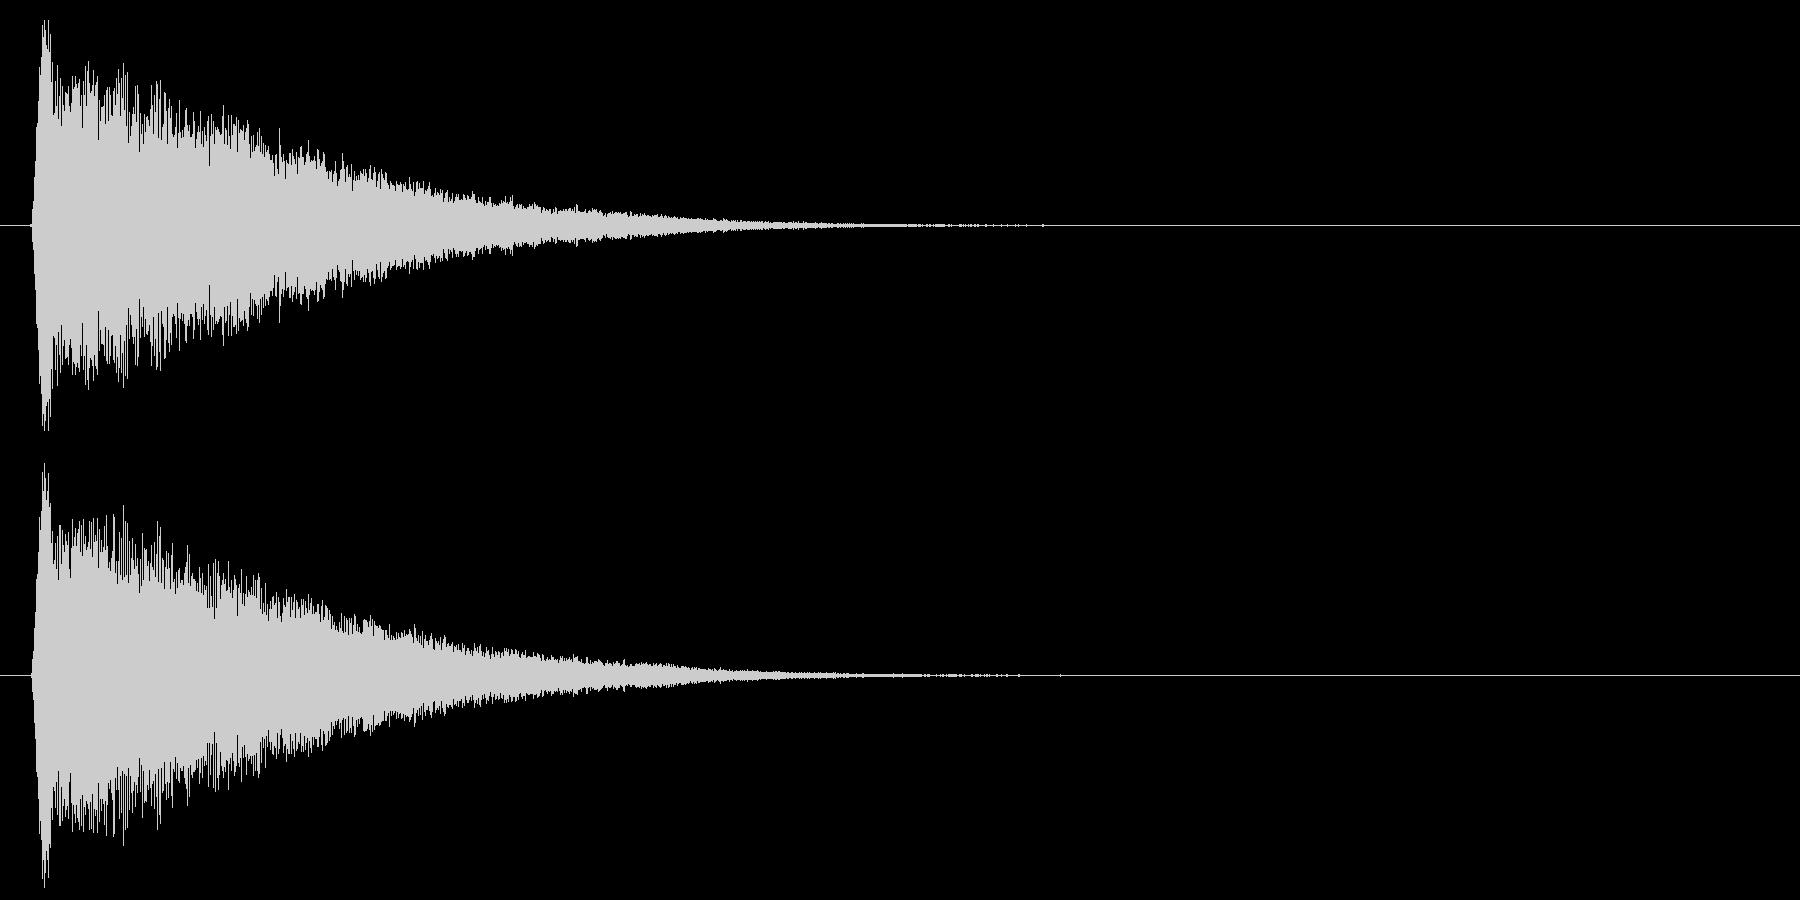 キュルルルッ↑(上昇、回復、キラキラ)の未再生の波形